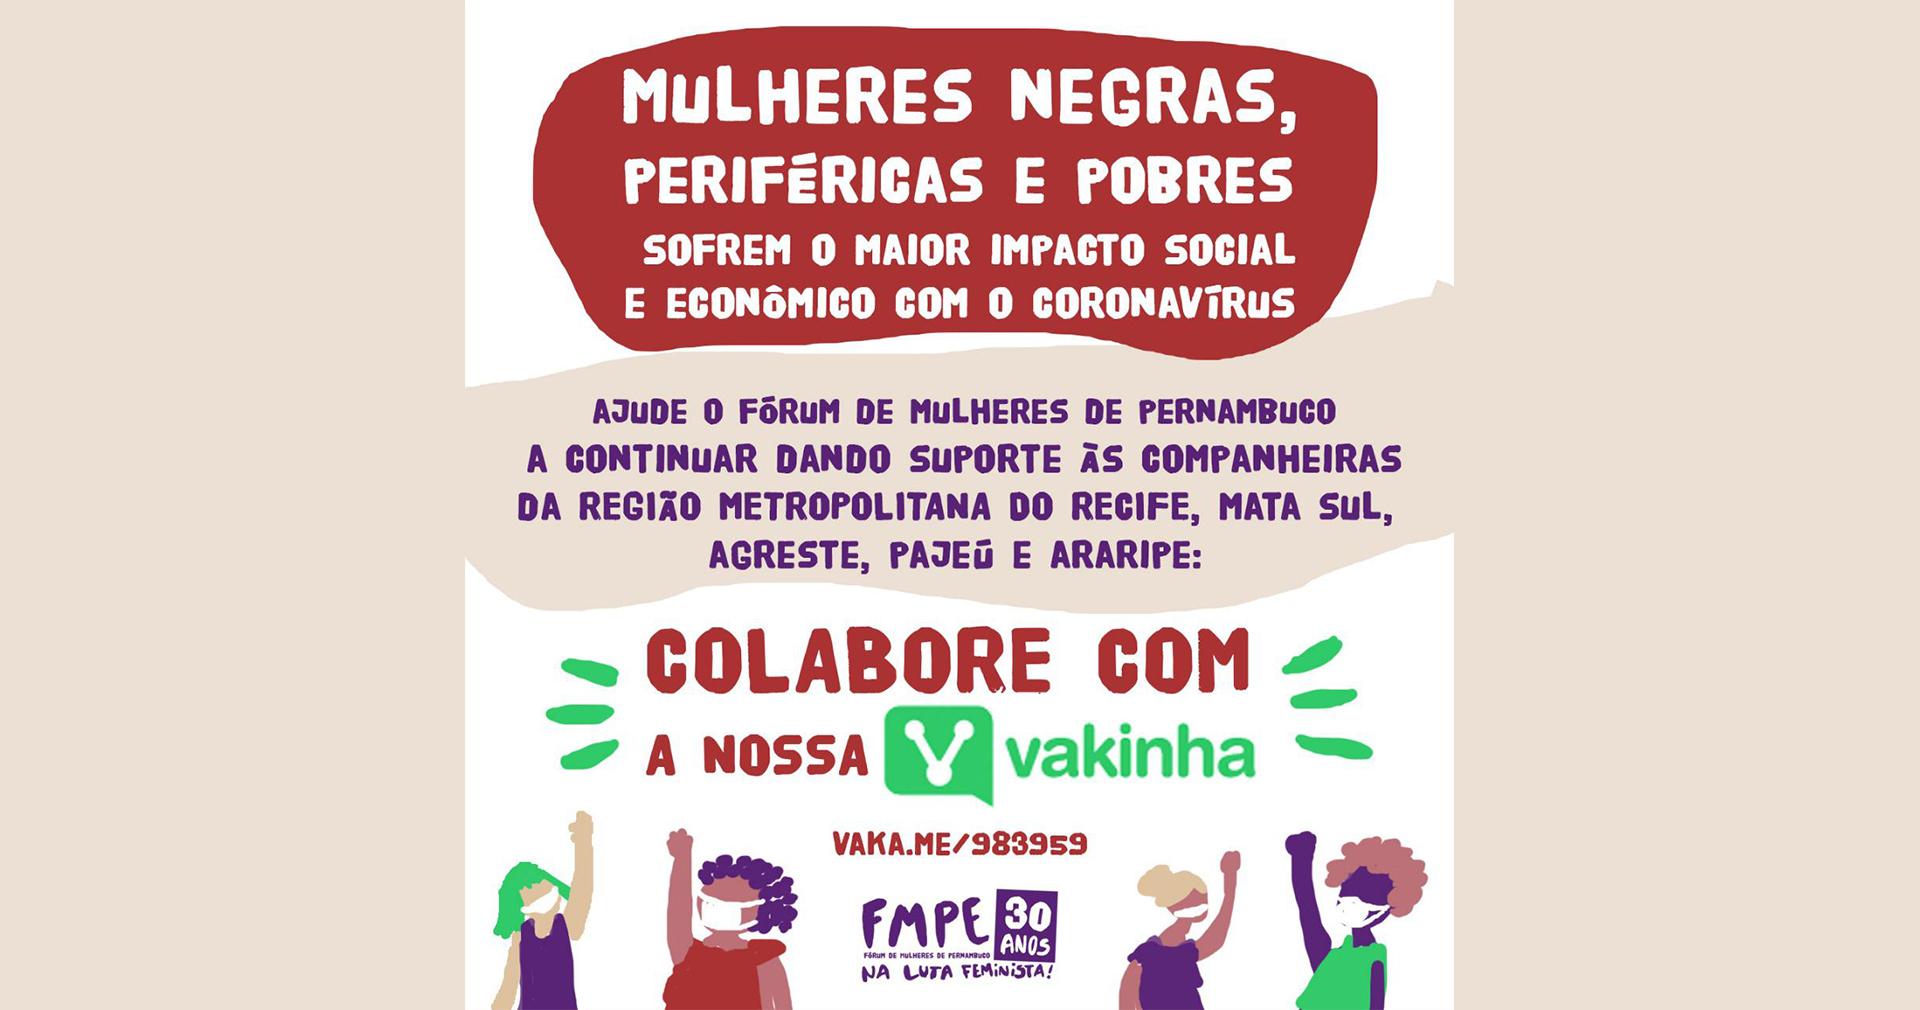 ÚLTIMOS DIAS: ajude a rede de solidariedade do FMPE